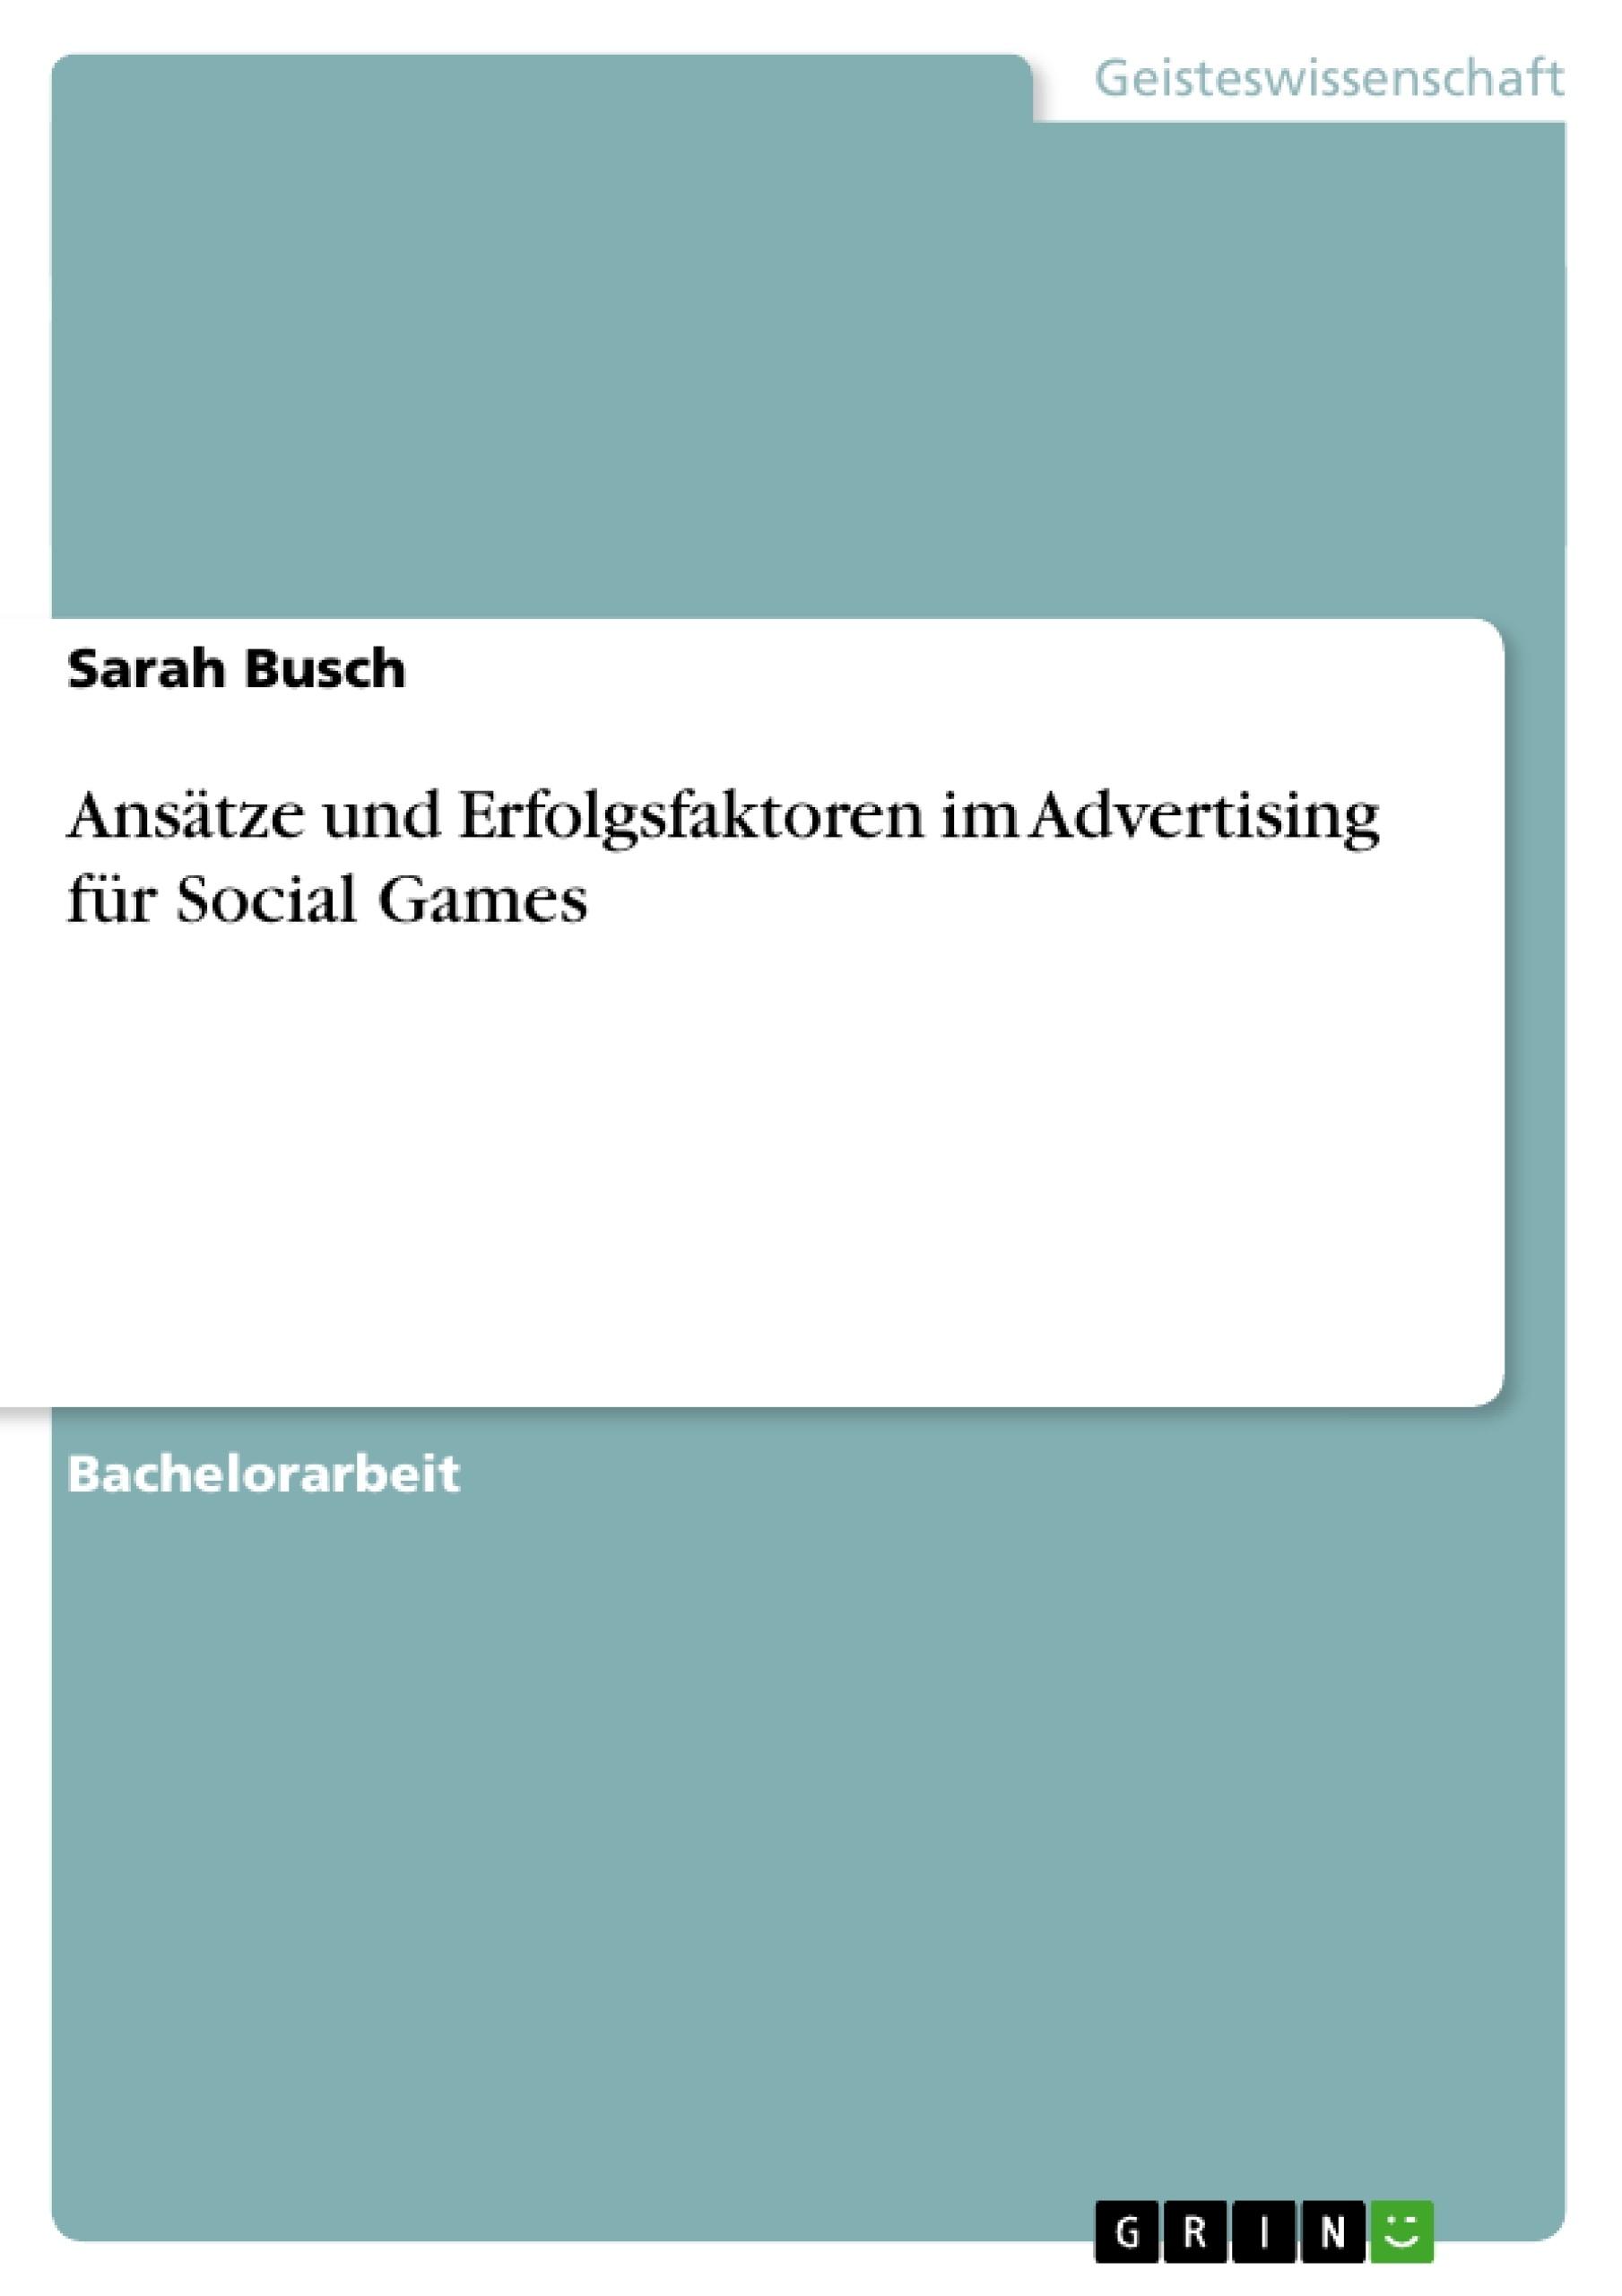 Titel: Ansätze und Erfolgsfaktoren im Advertising für Social Games